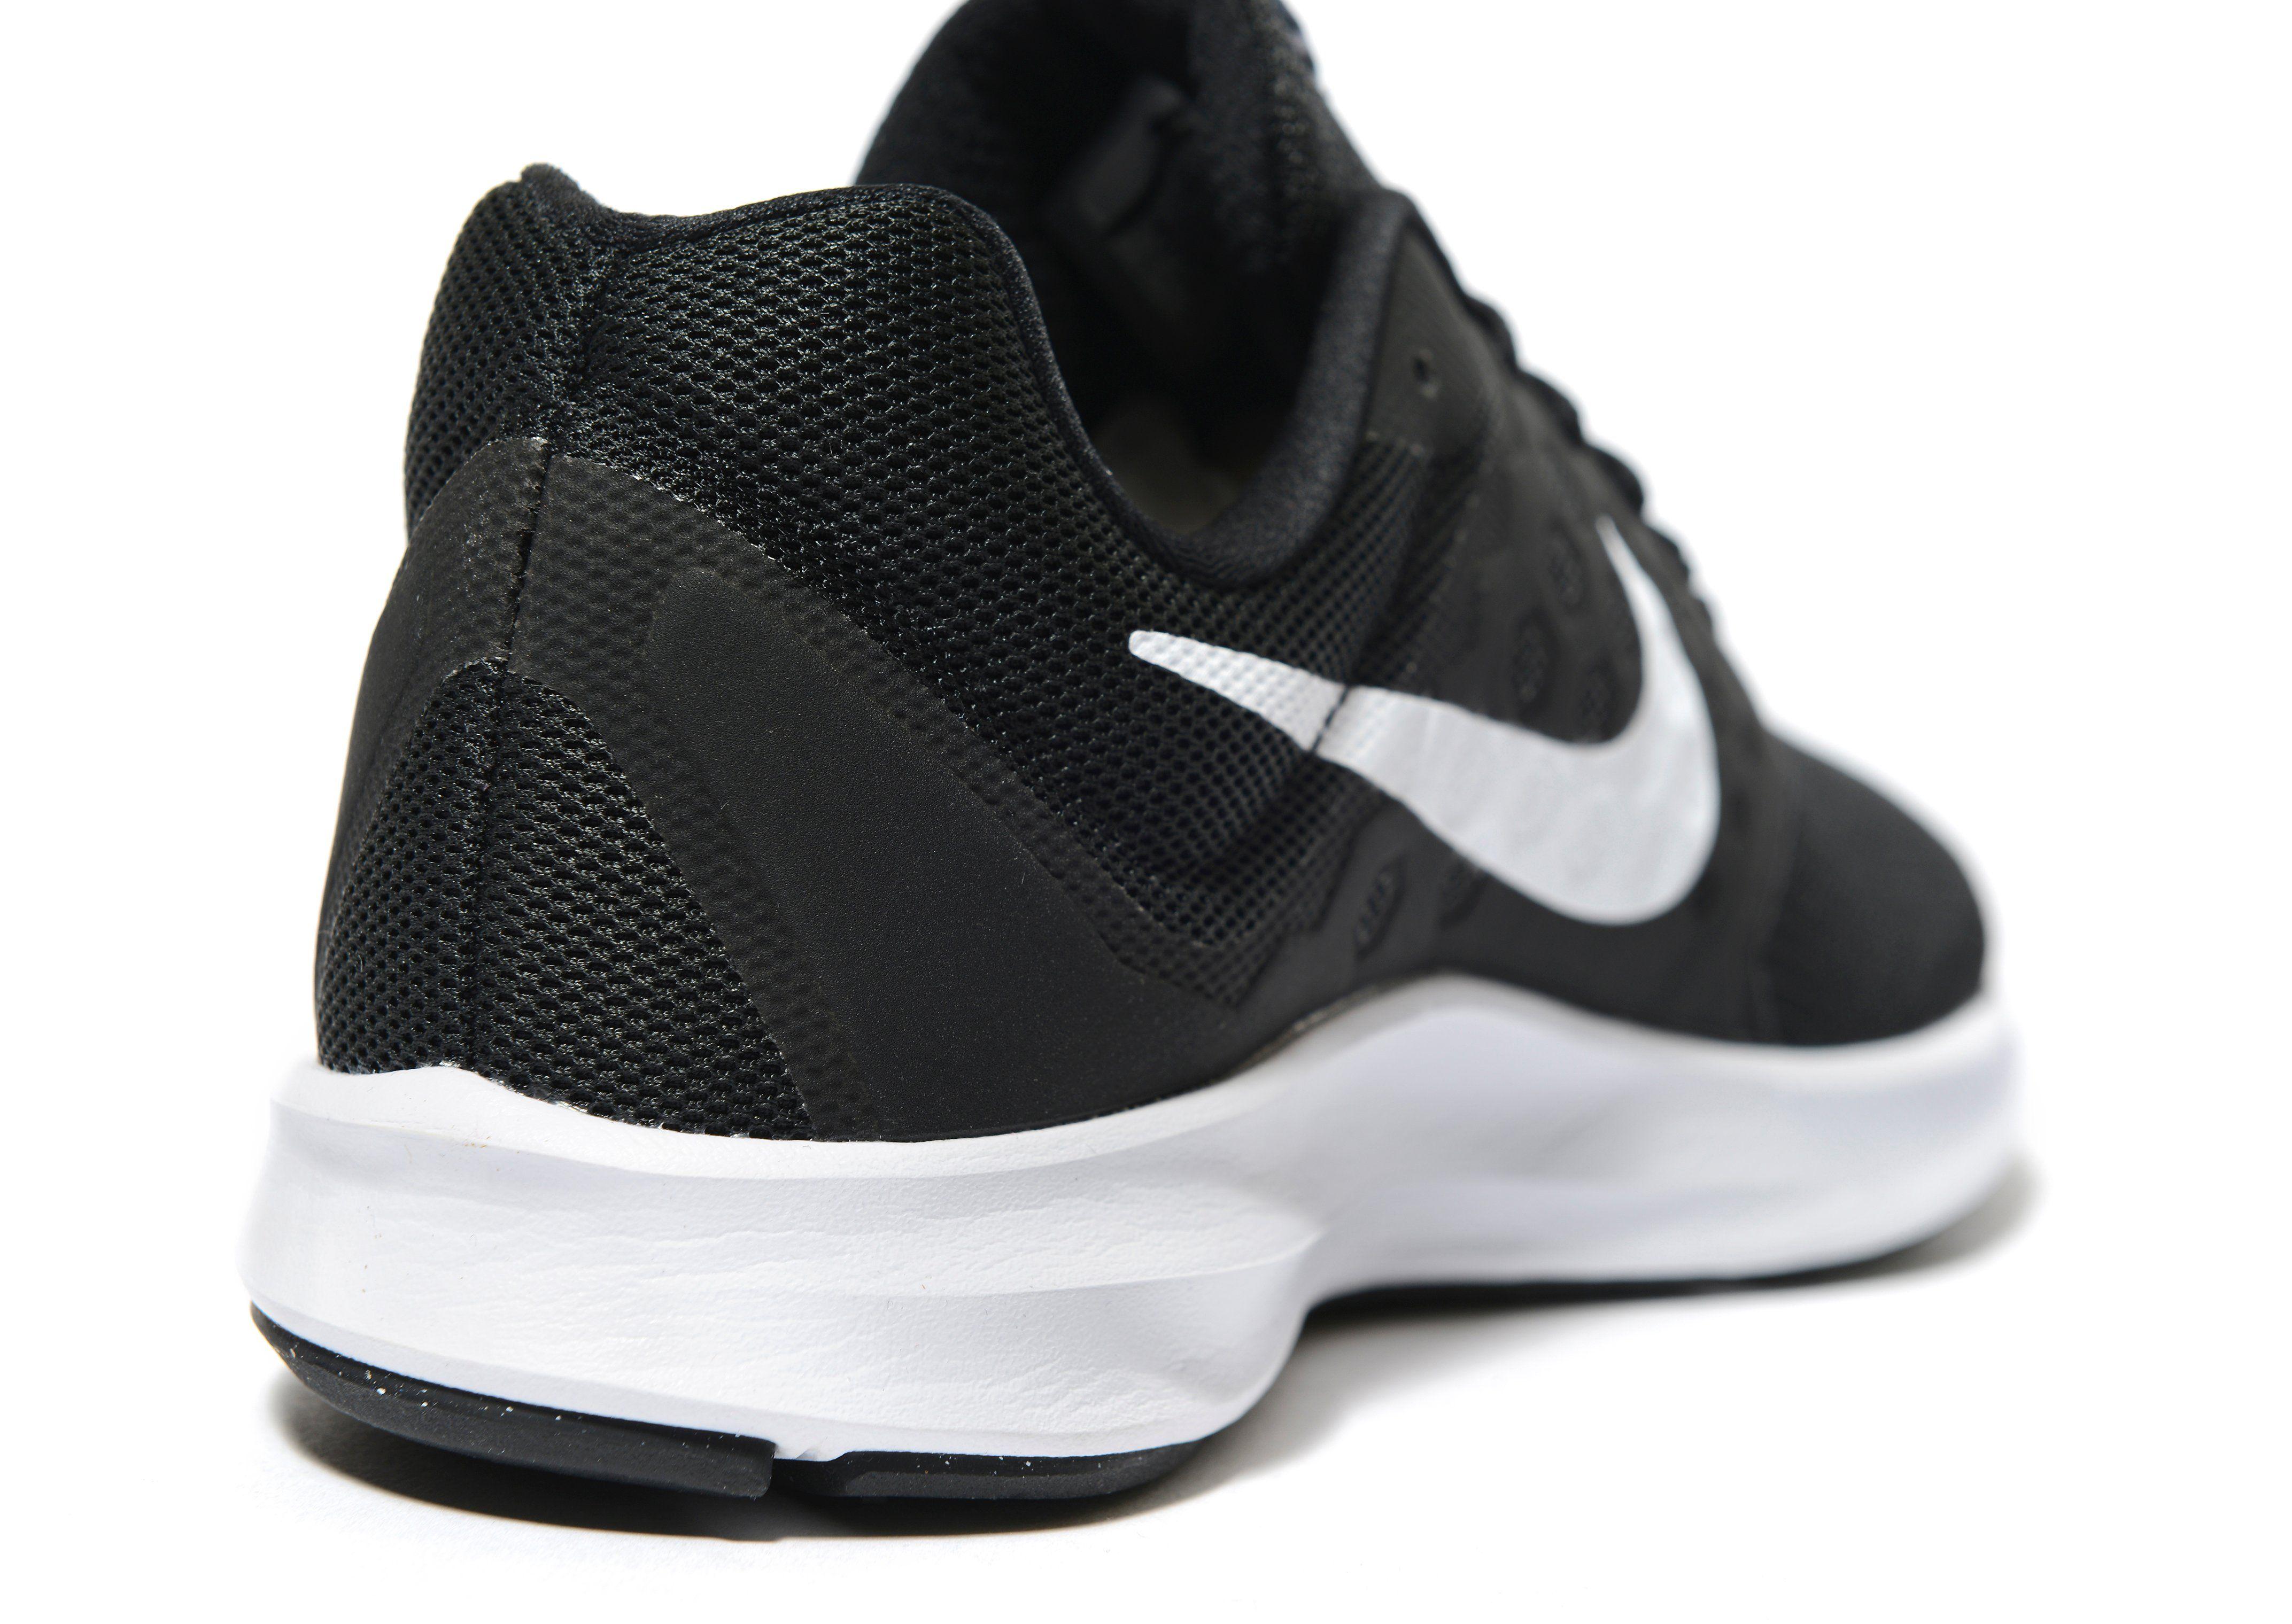 Nike Downshifter 7 Women's